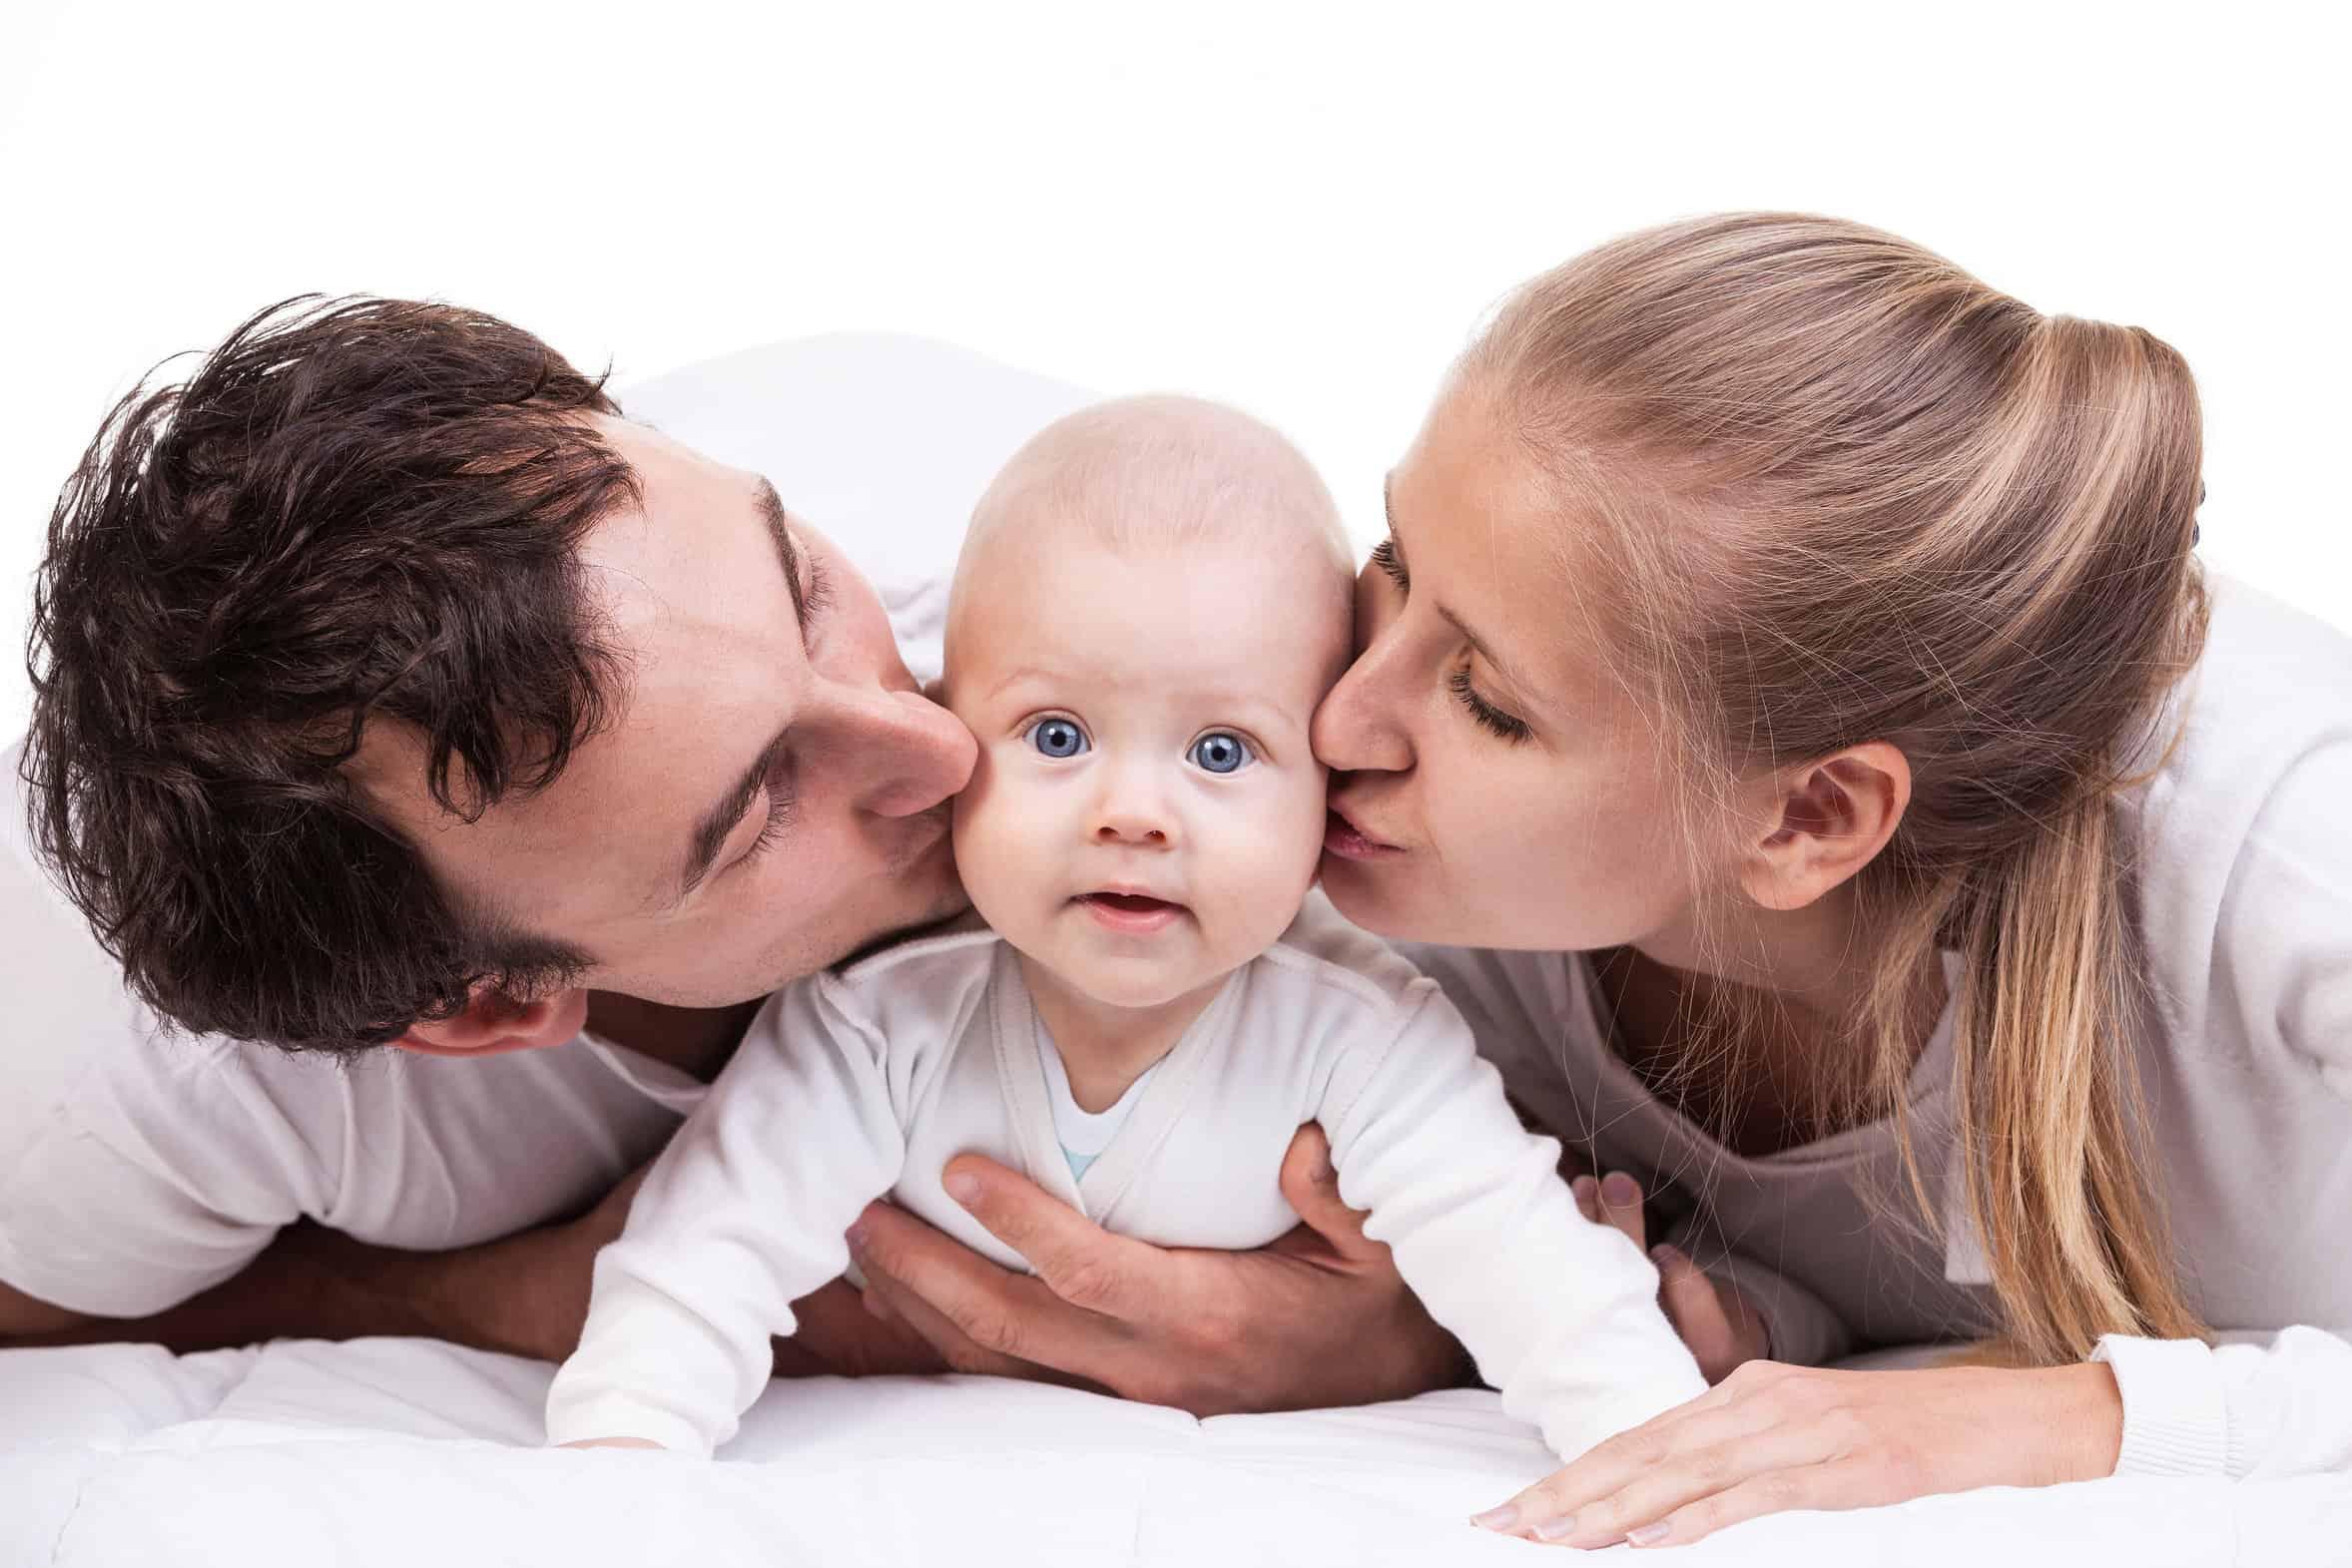 Материнский капитал за 1 ребенка в 2020 году: размер суммы к выплате, условия получения, на что можно потратить